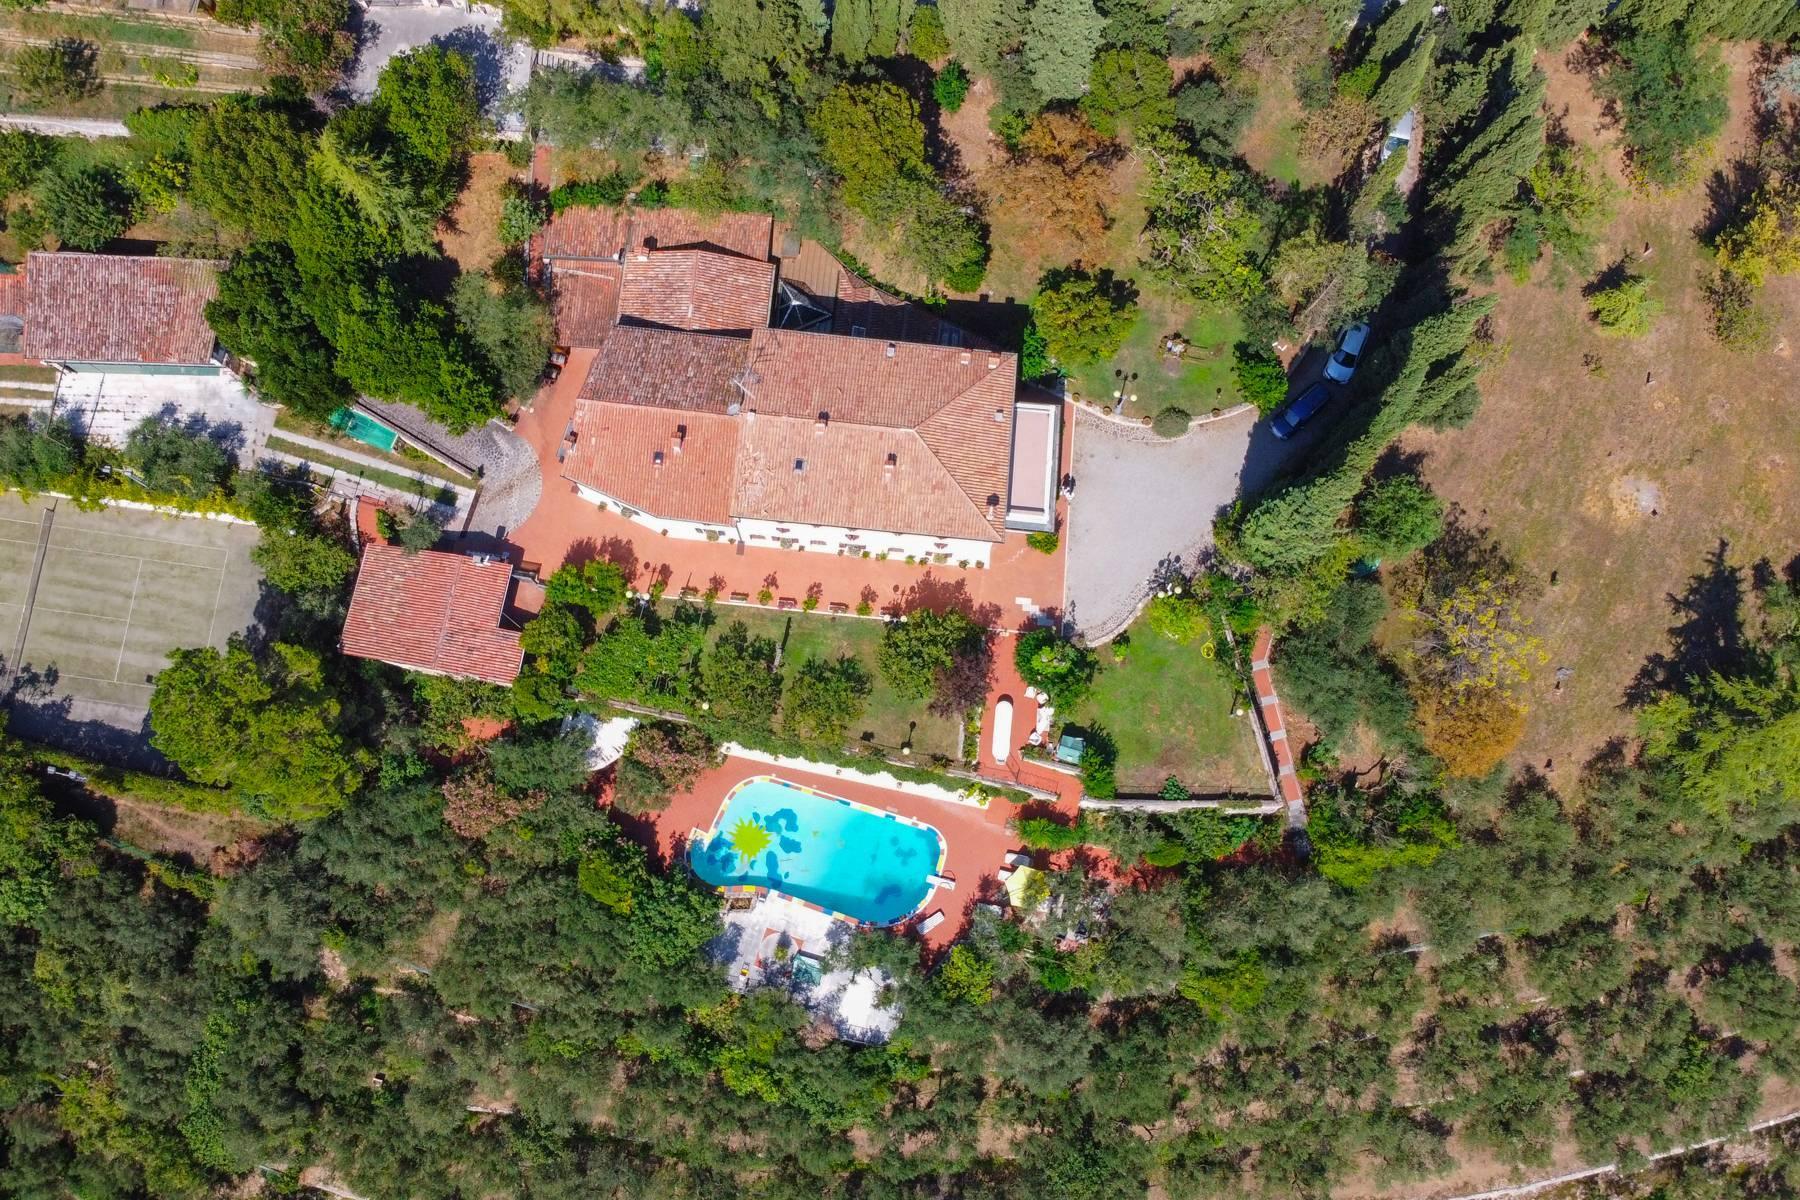 Storica villa di campagna con piscina e campo da tennis con tenuta nelle colline veronesi - 27